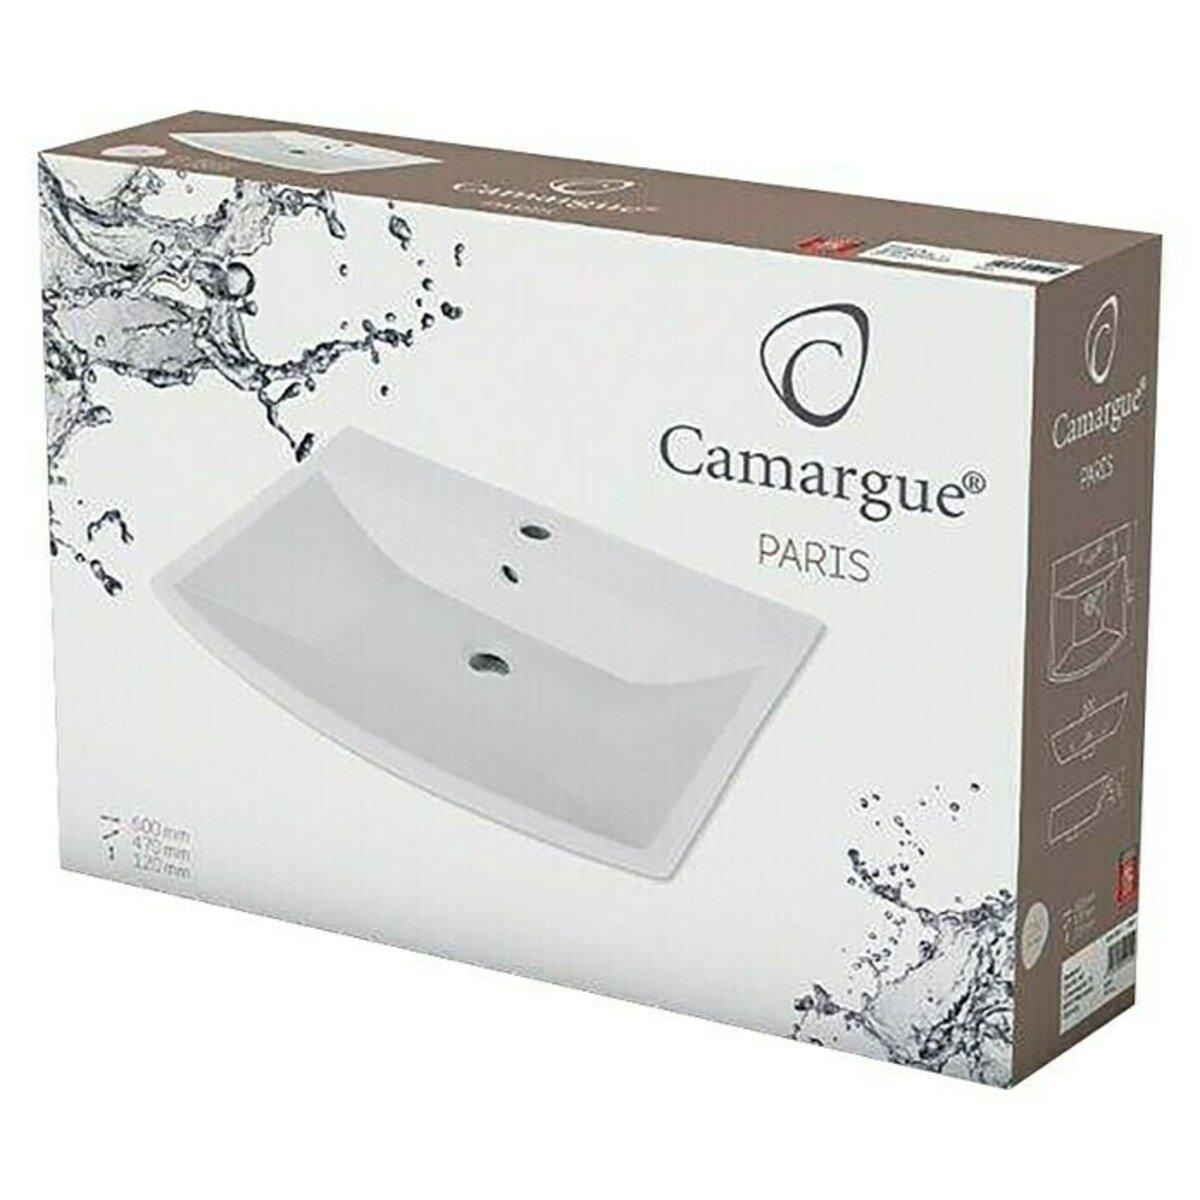 Bild 2 von Camargue Empire Waschtisch